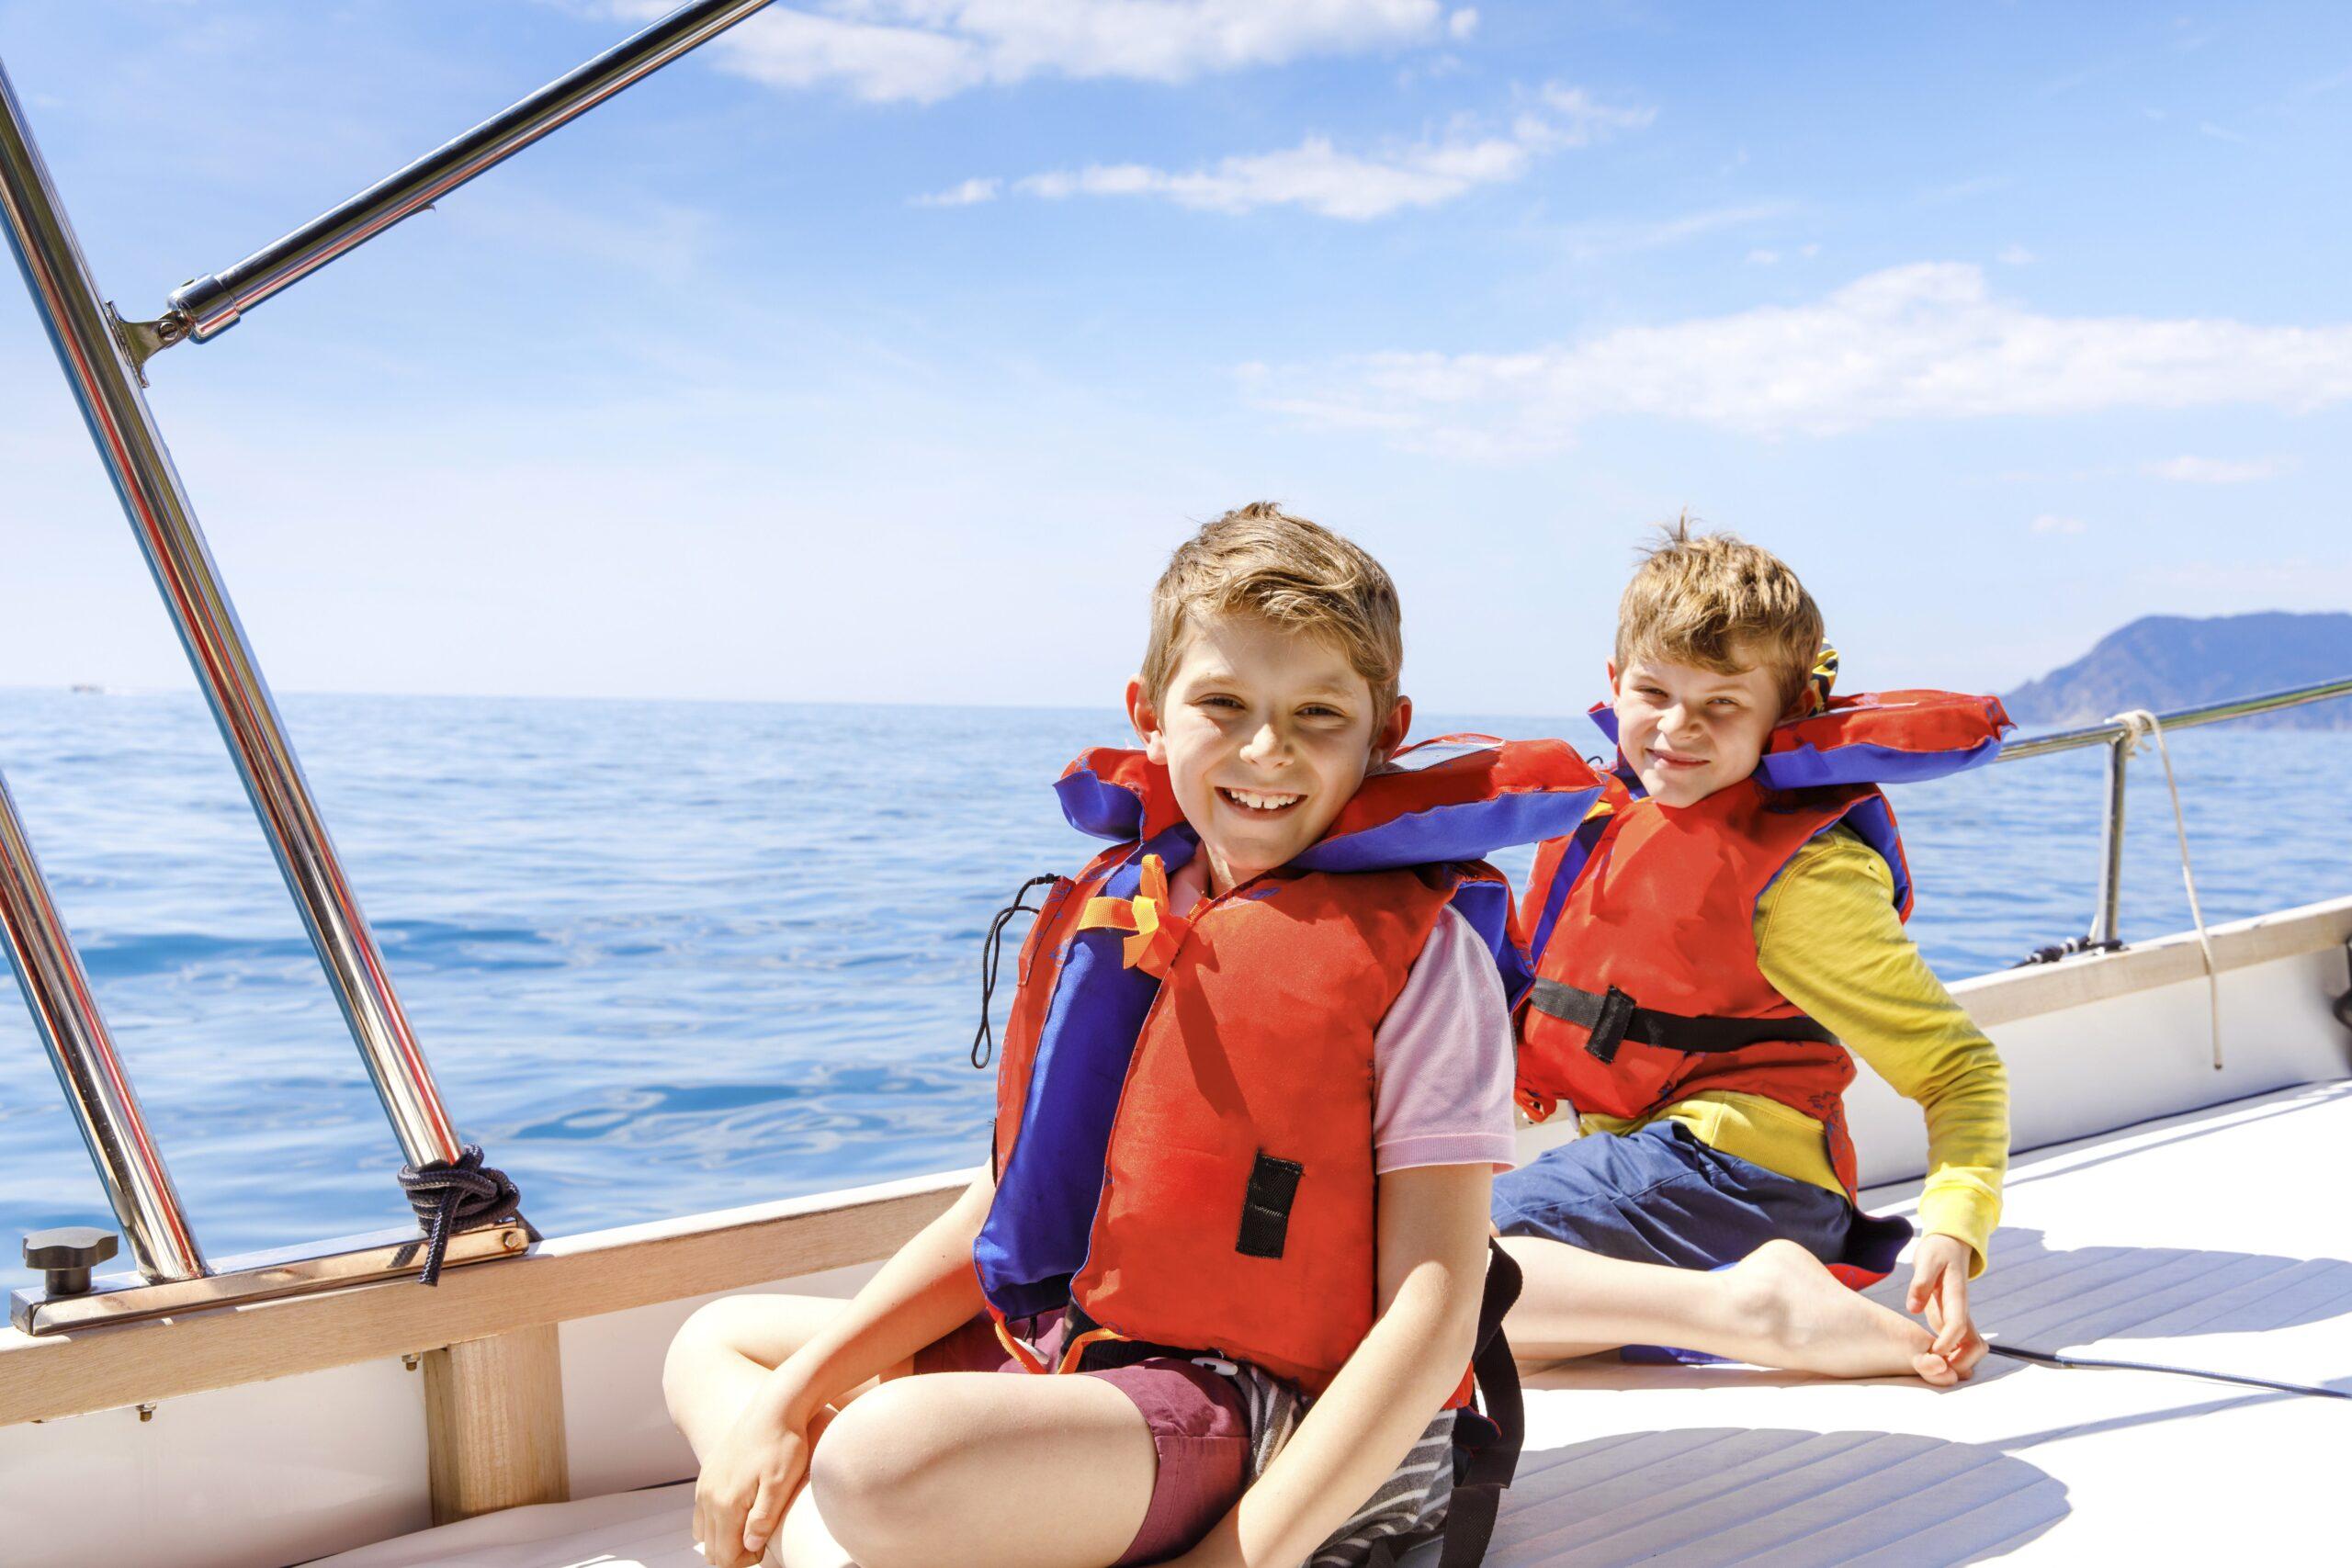 Two little kid boys, best friends enjoying sailing boat trip.